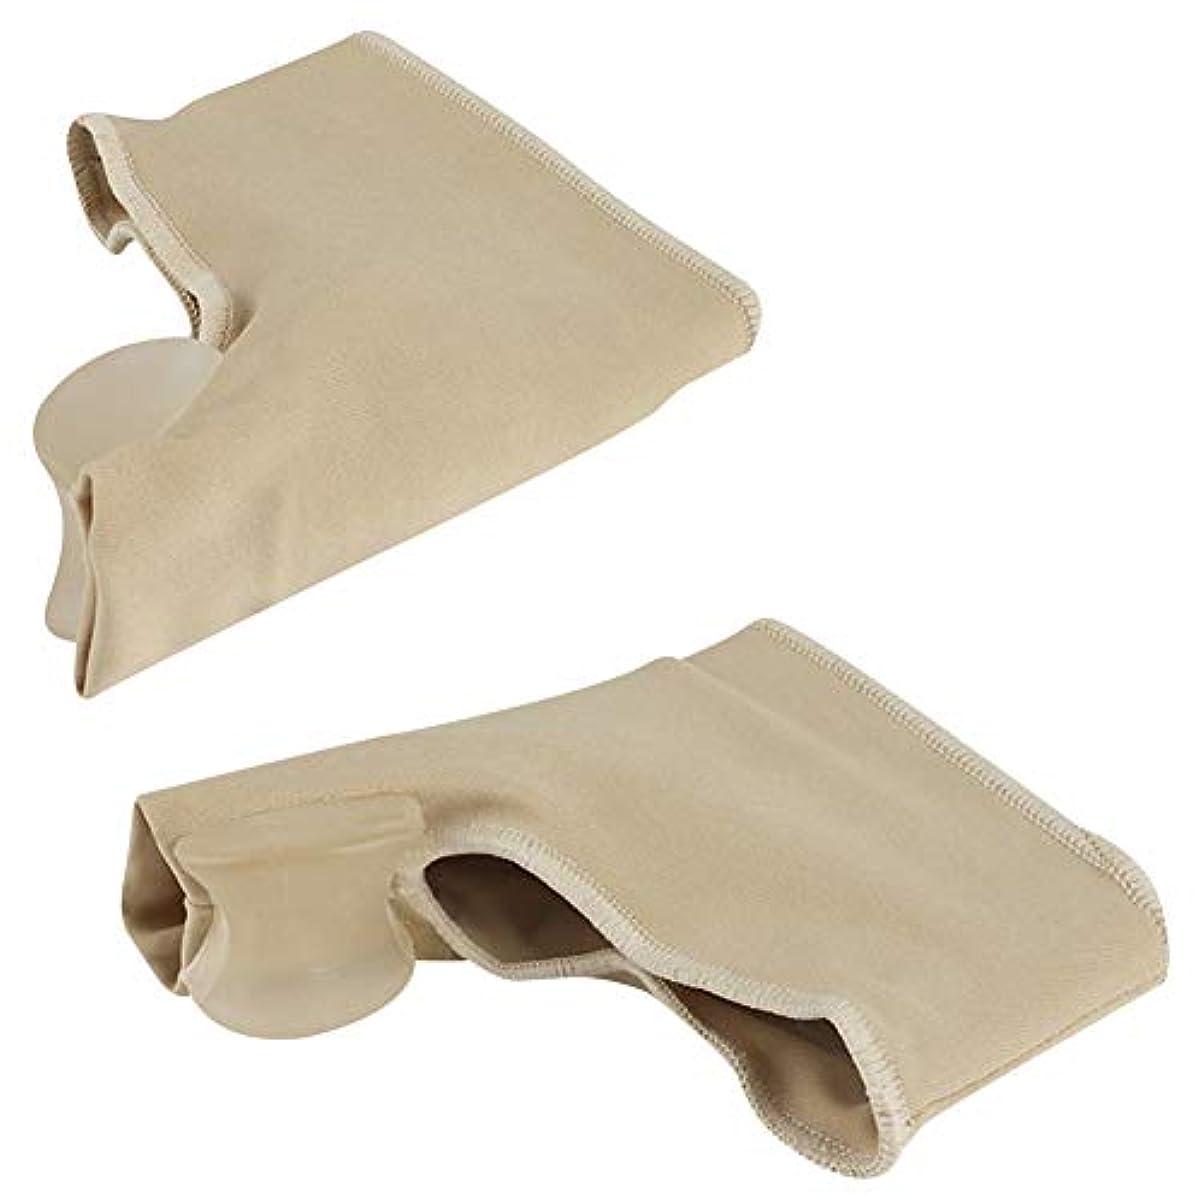 あまりにもそれ廃棄するOUYOU 足指サポーター 足指を広げる 外反母趾 足指矯正パッド 血行促進 シリコン (M)